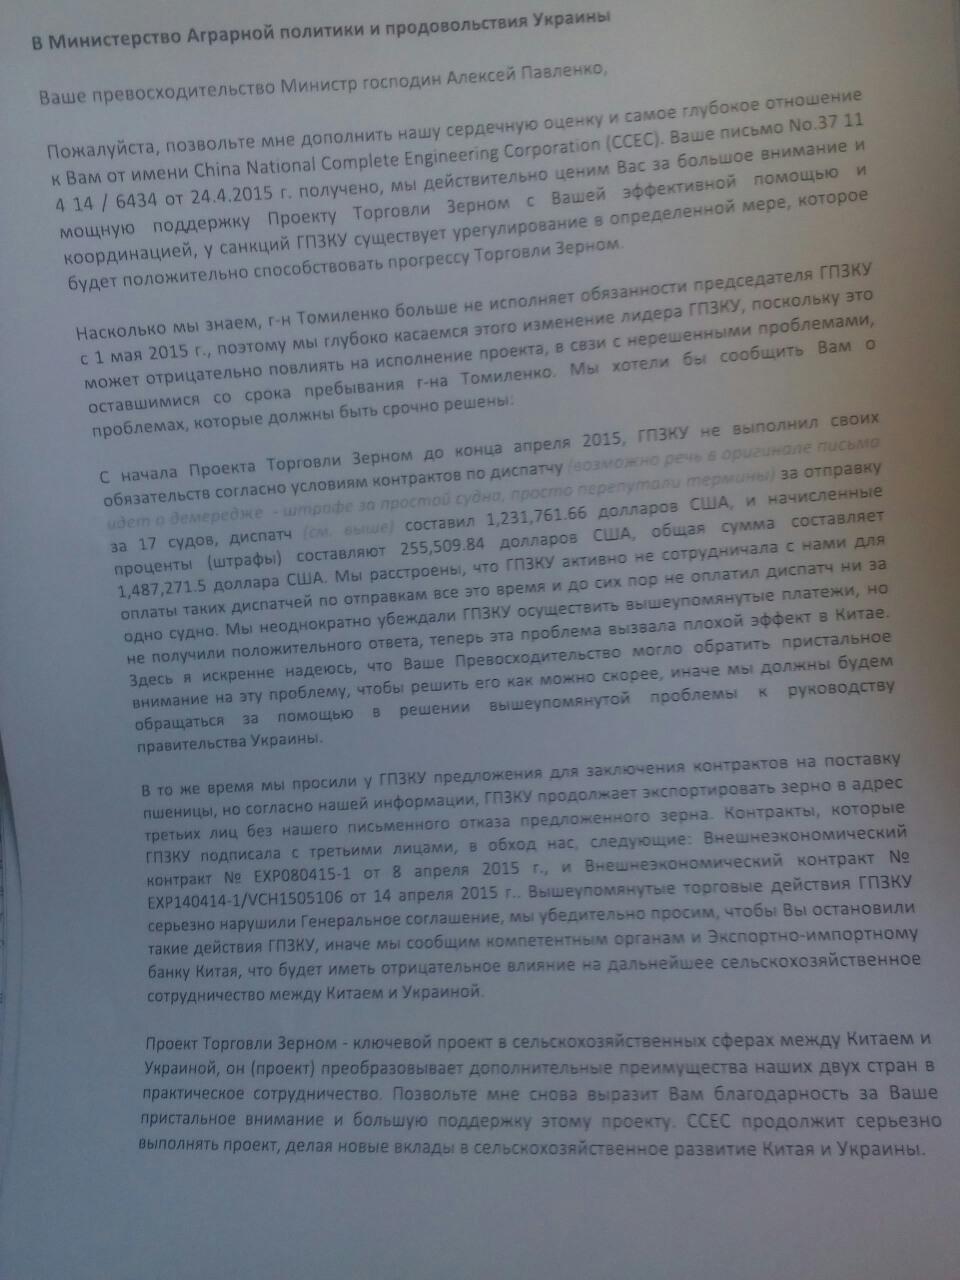 Минагрополитики совместно с ФГИ инициируют приватизацию Государственной продовольственно-зерновой корпорации Украины - Цензор.НЕТ 779